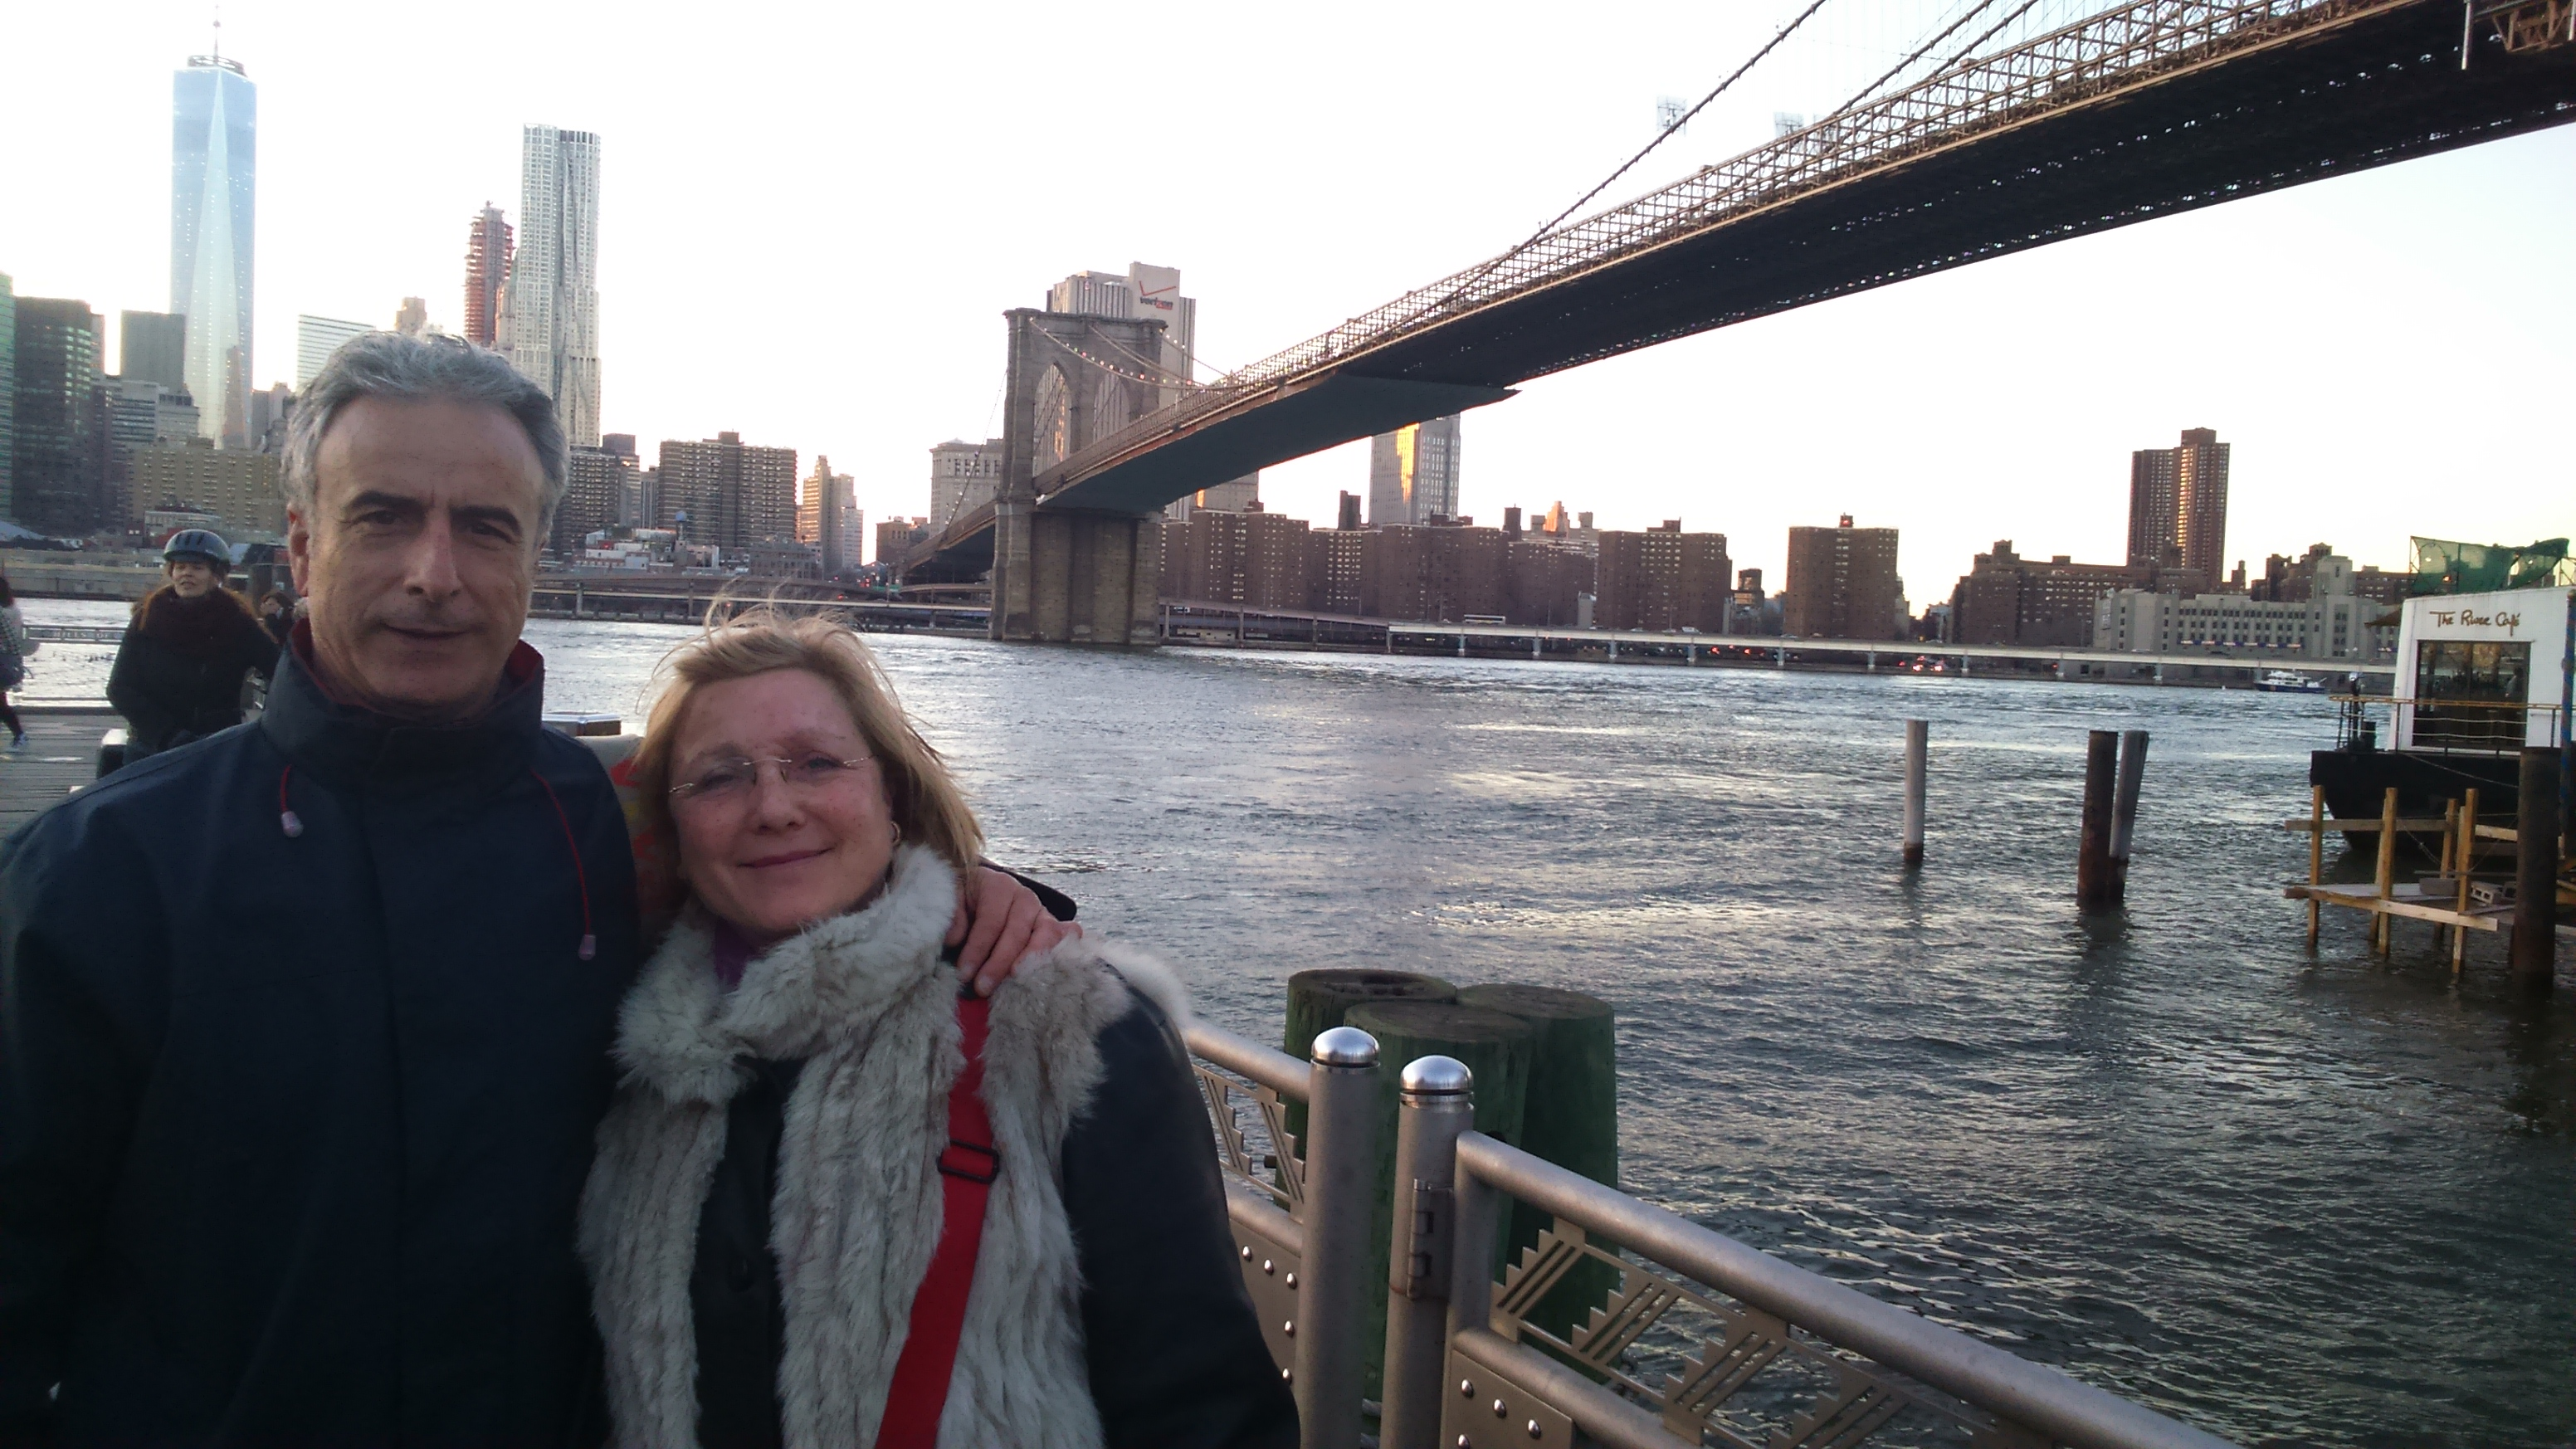 Pam y Antonio al lado del puente de Brooklyn